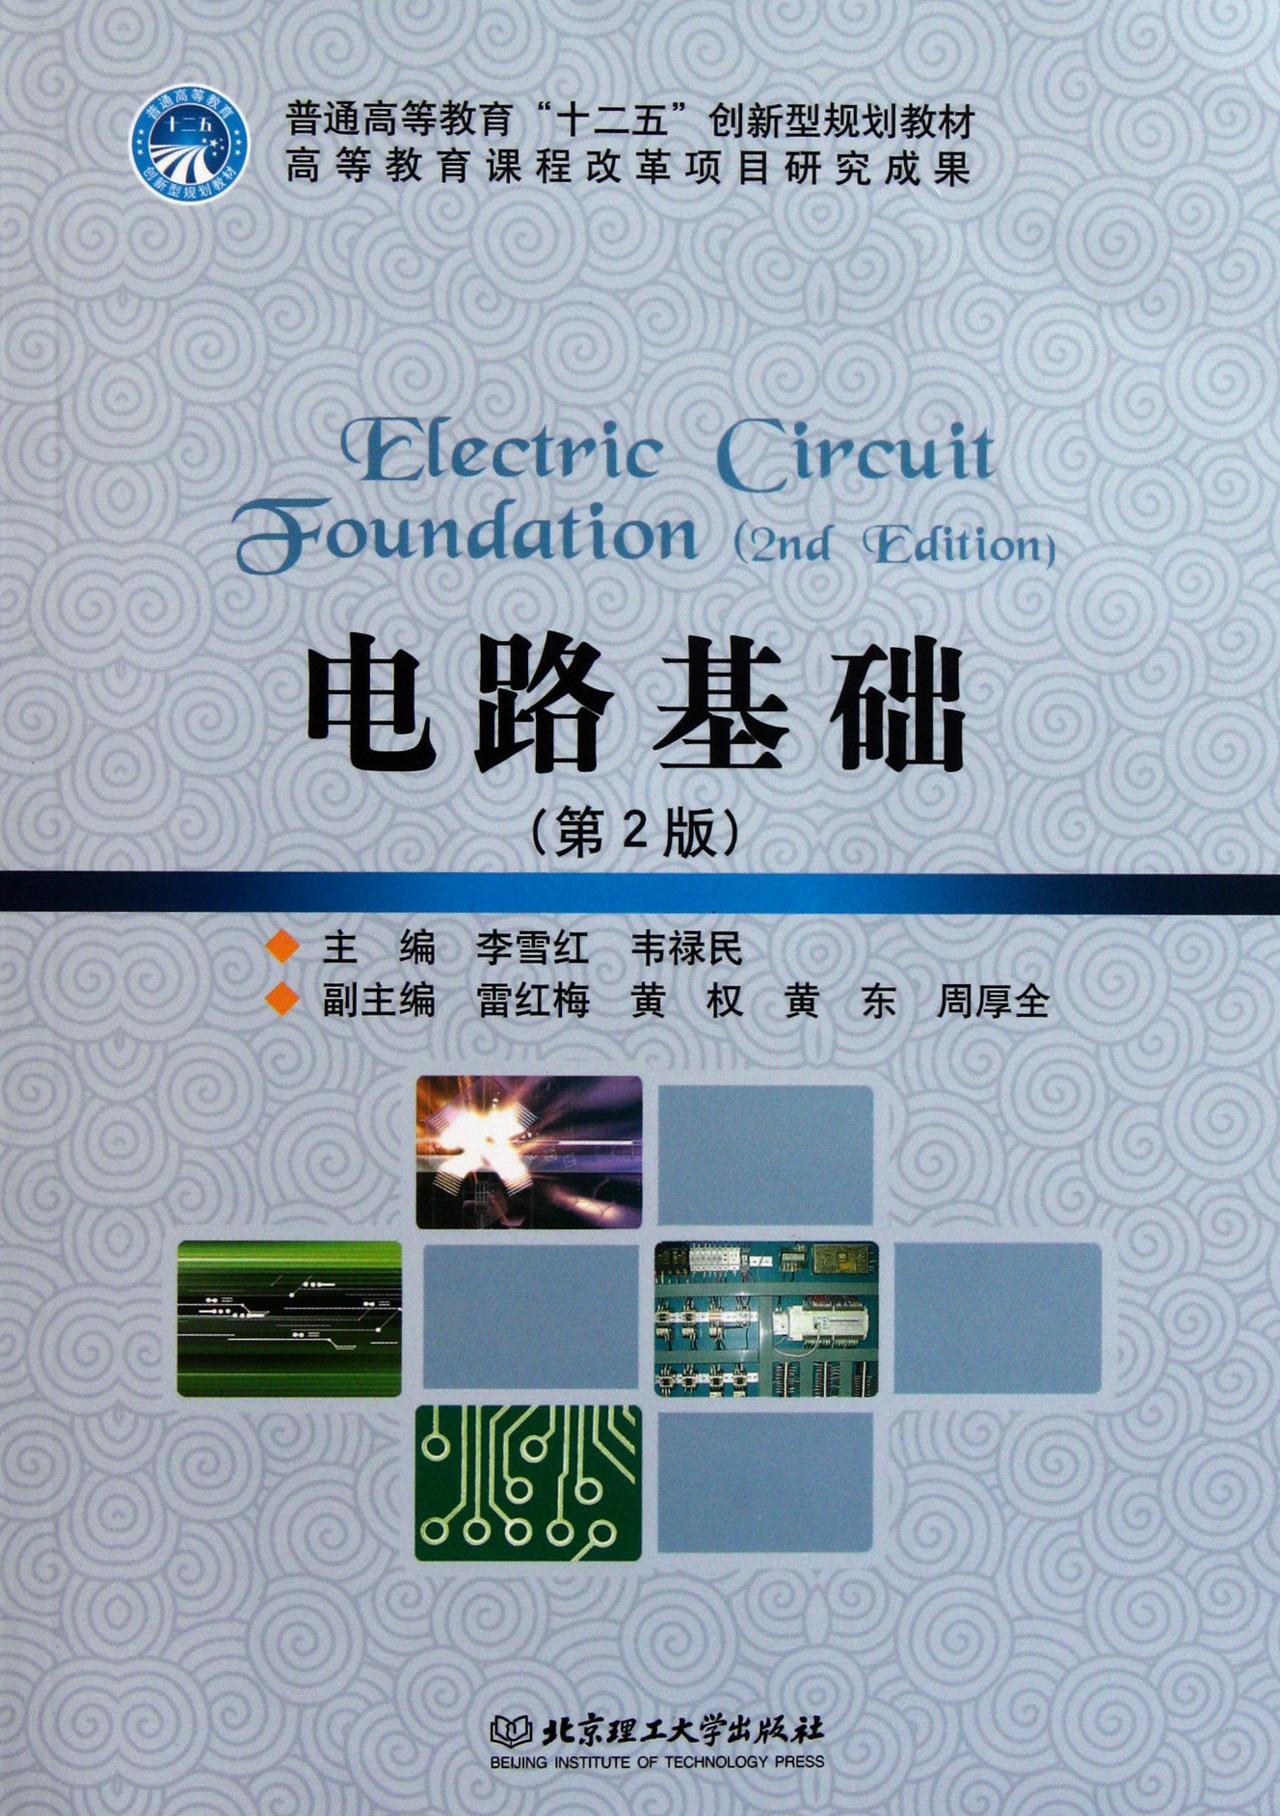 电路基础(第2版普通高等教育十二五创新型规划教材)